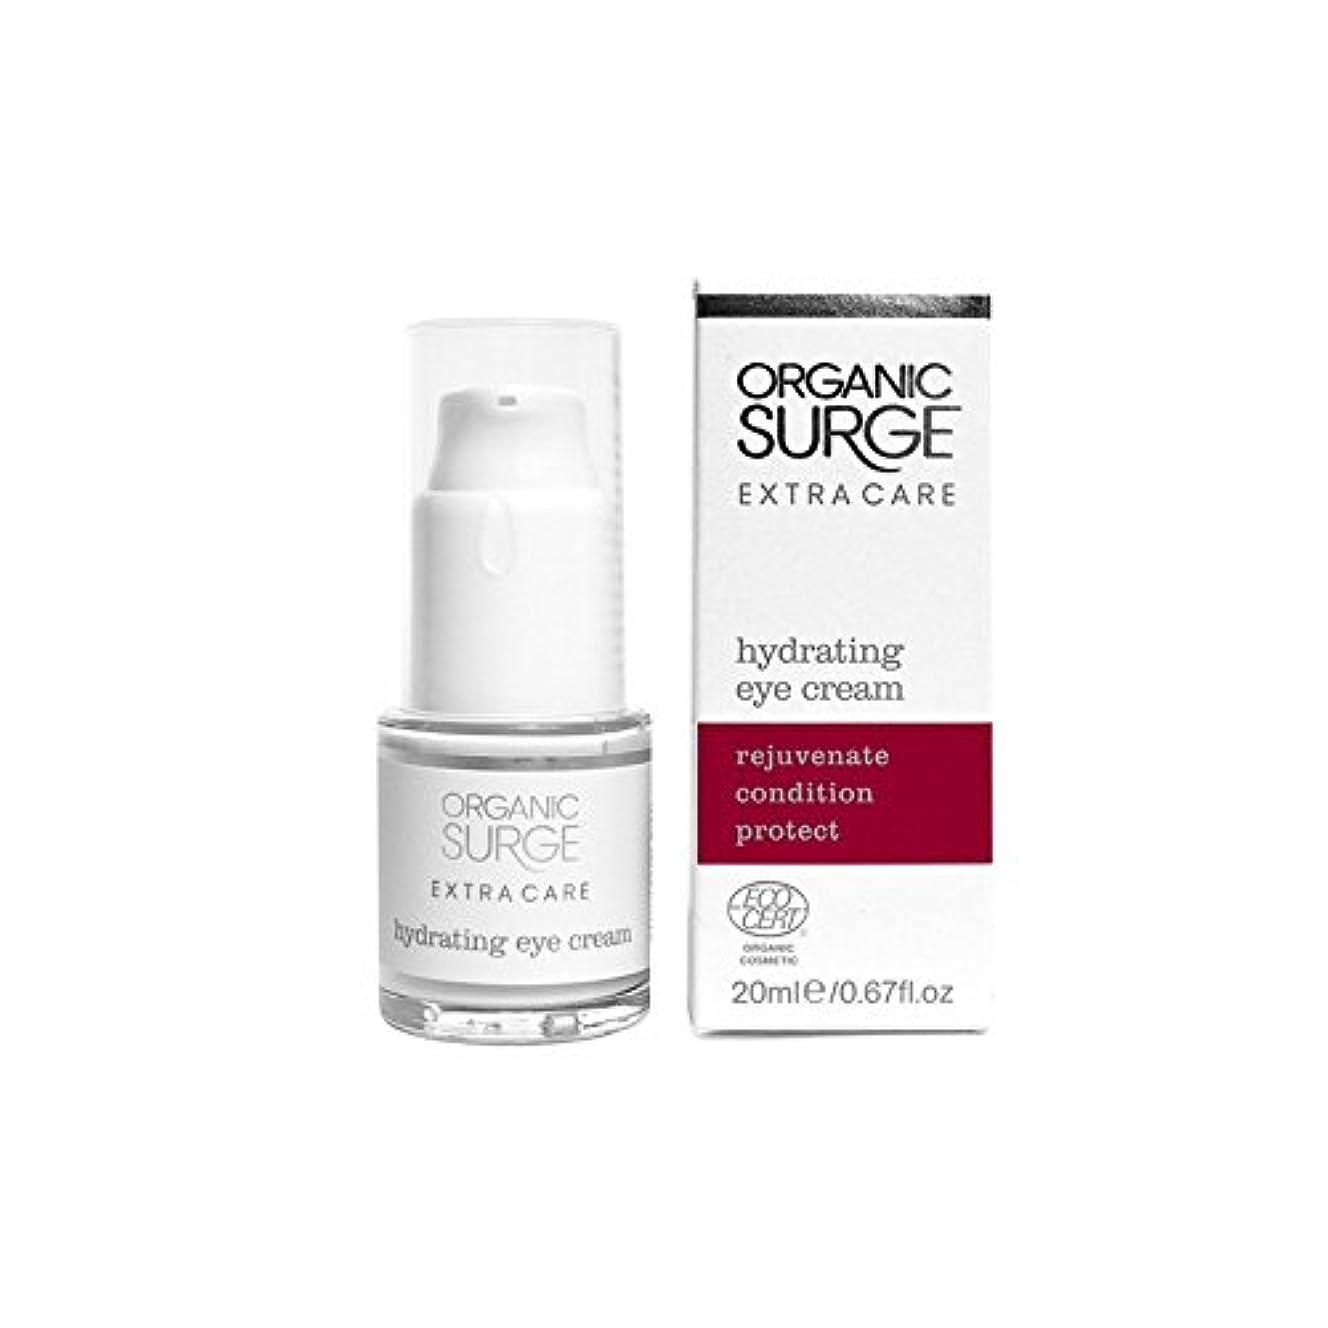 構想するジュラシックパークモザイクOrganic Surge Extra Care Hydrating Eye Cream (20ml) - 有機サージエクストラケア水和アイクリーム(20ミリリットル) [並行輸入品]